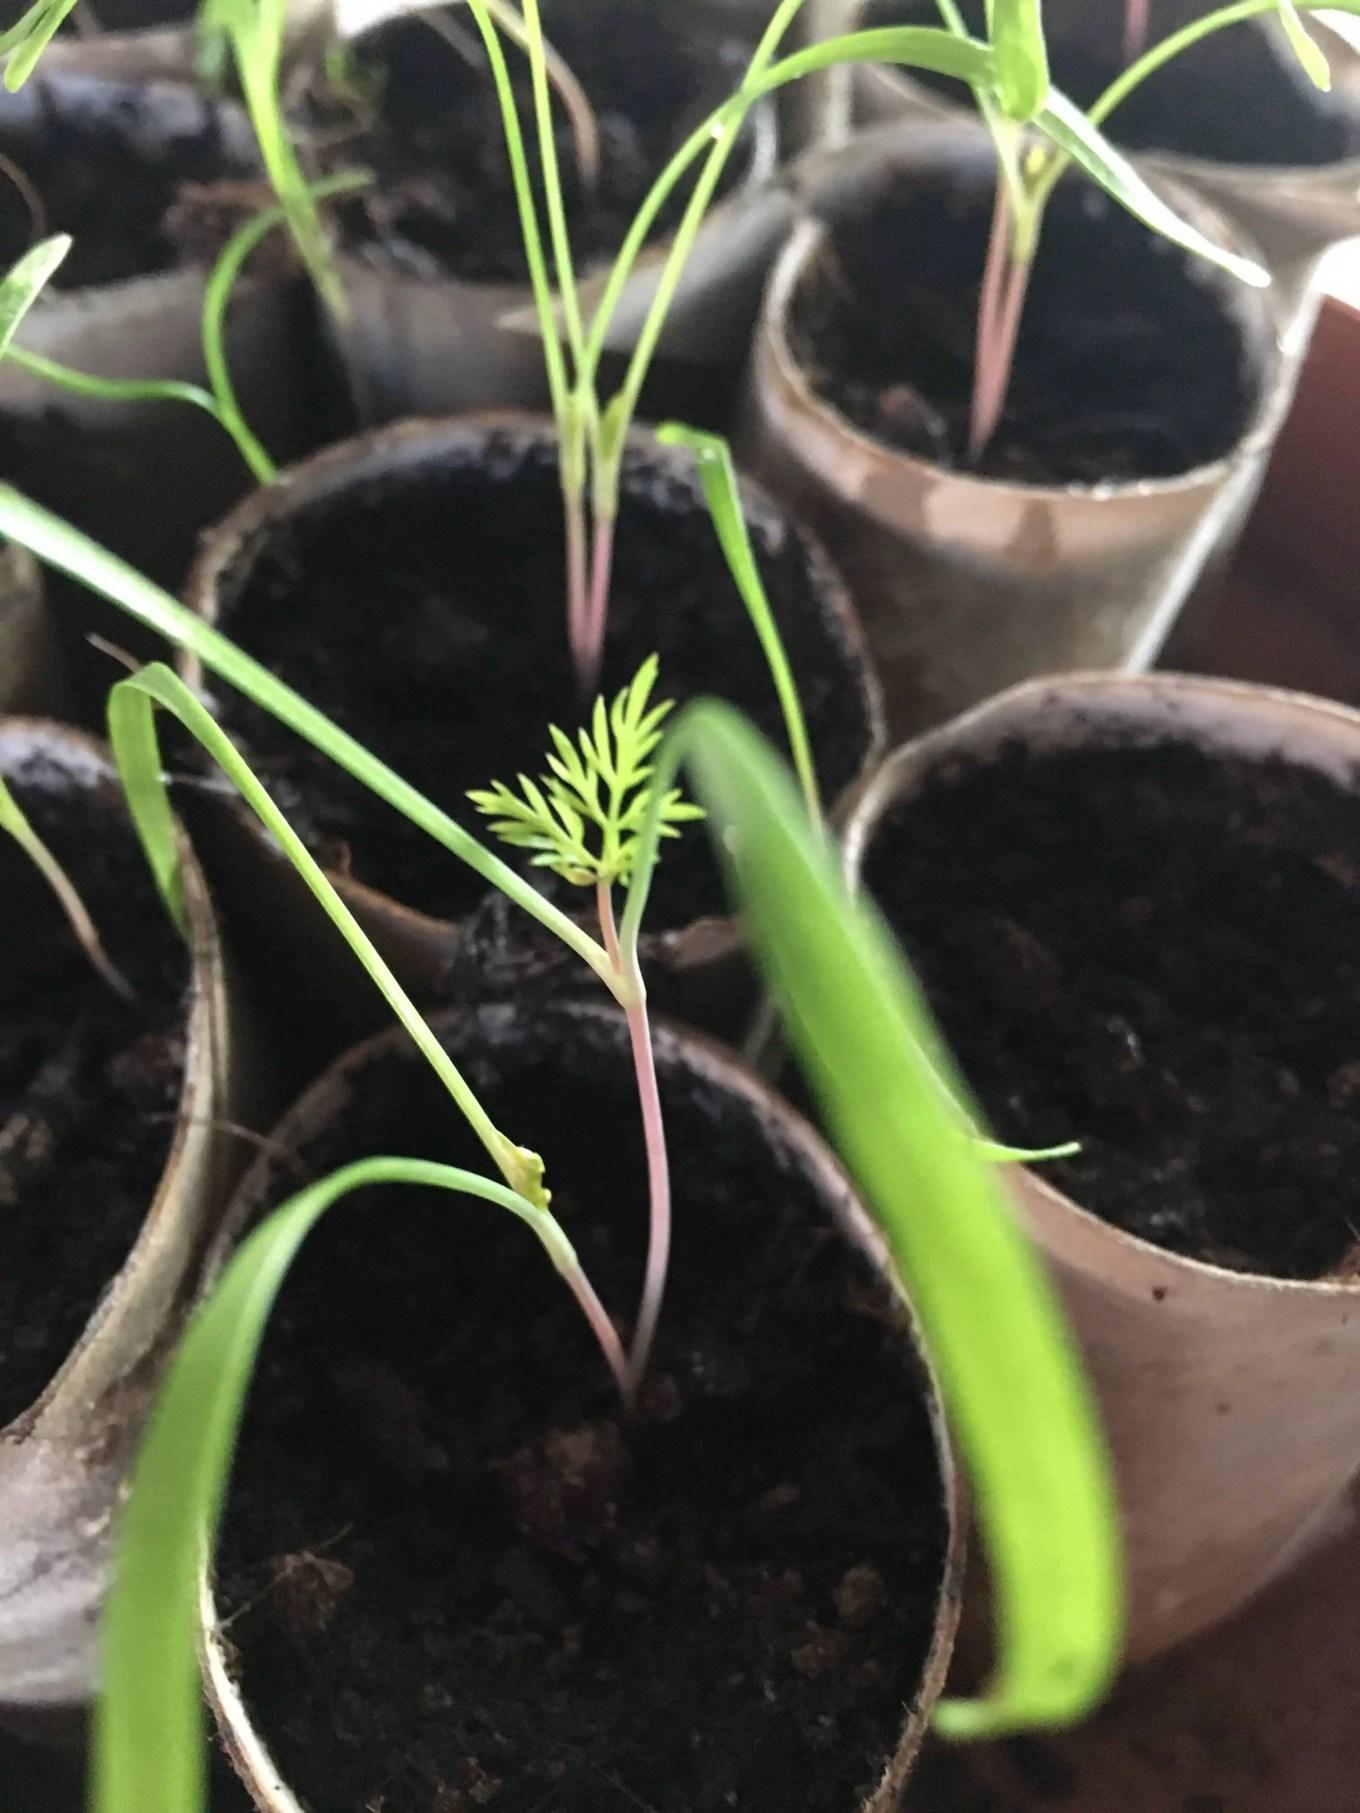 fennel grown indoors